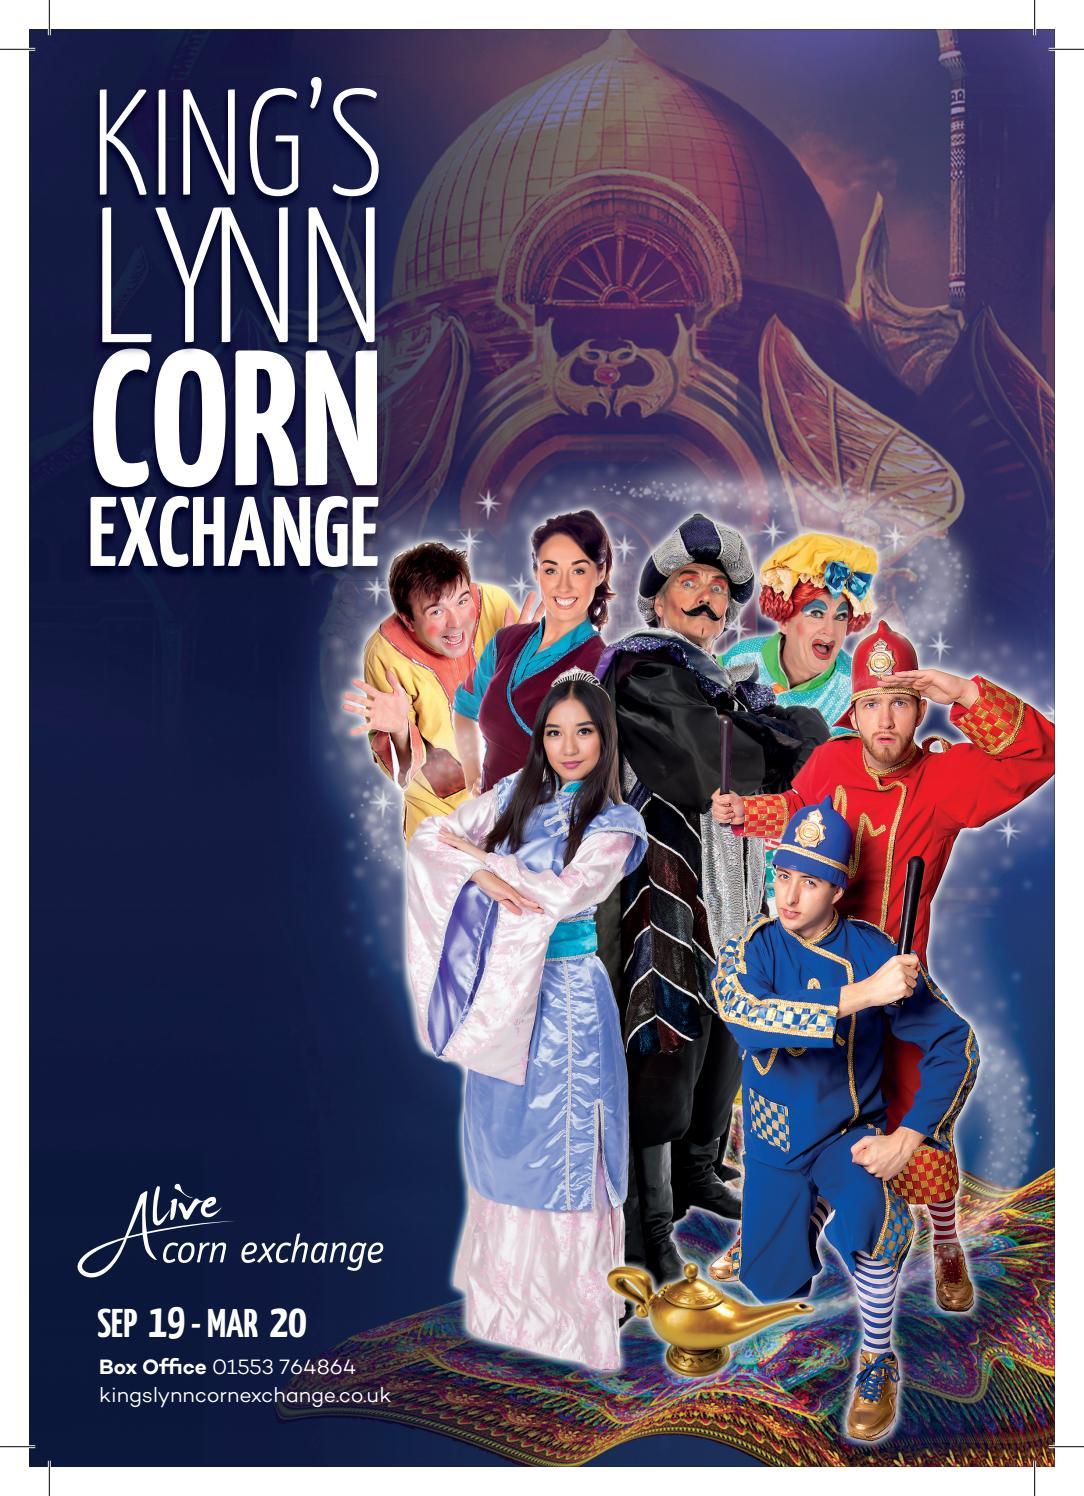 Kings Lynn Corn Exchange Brochure Sep 19 Mar 20 By Alive